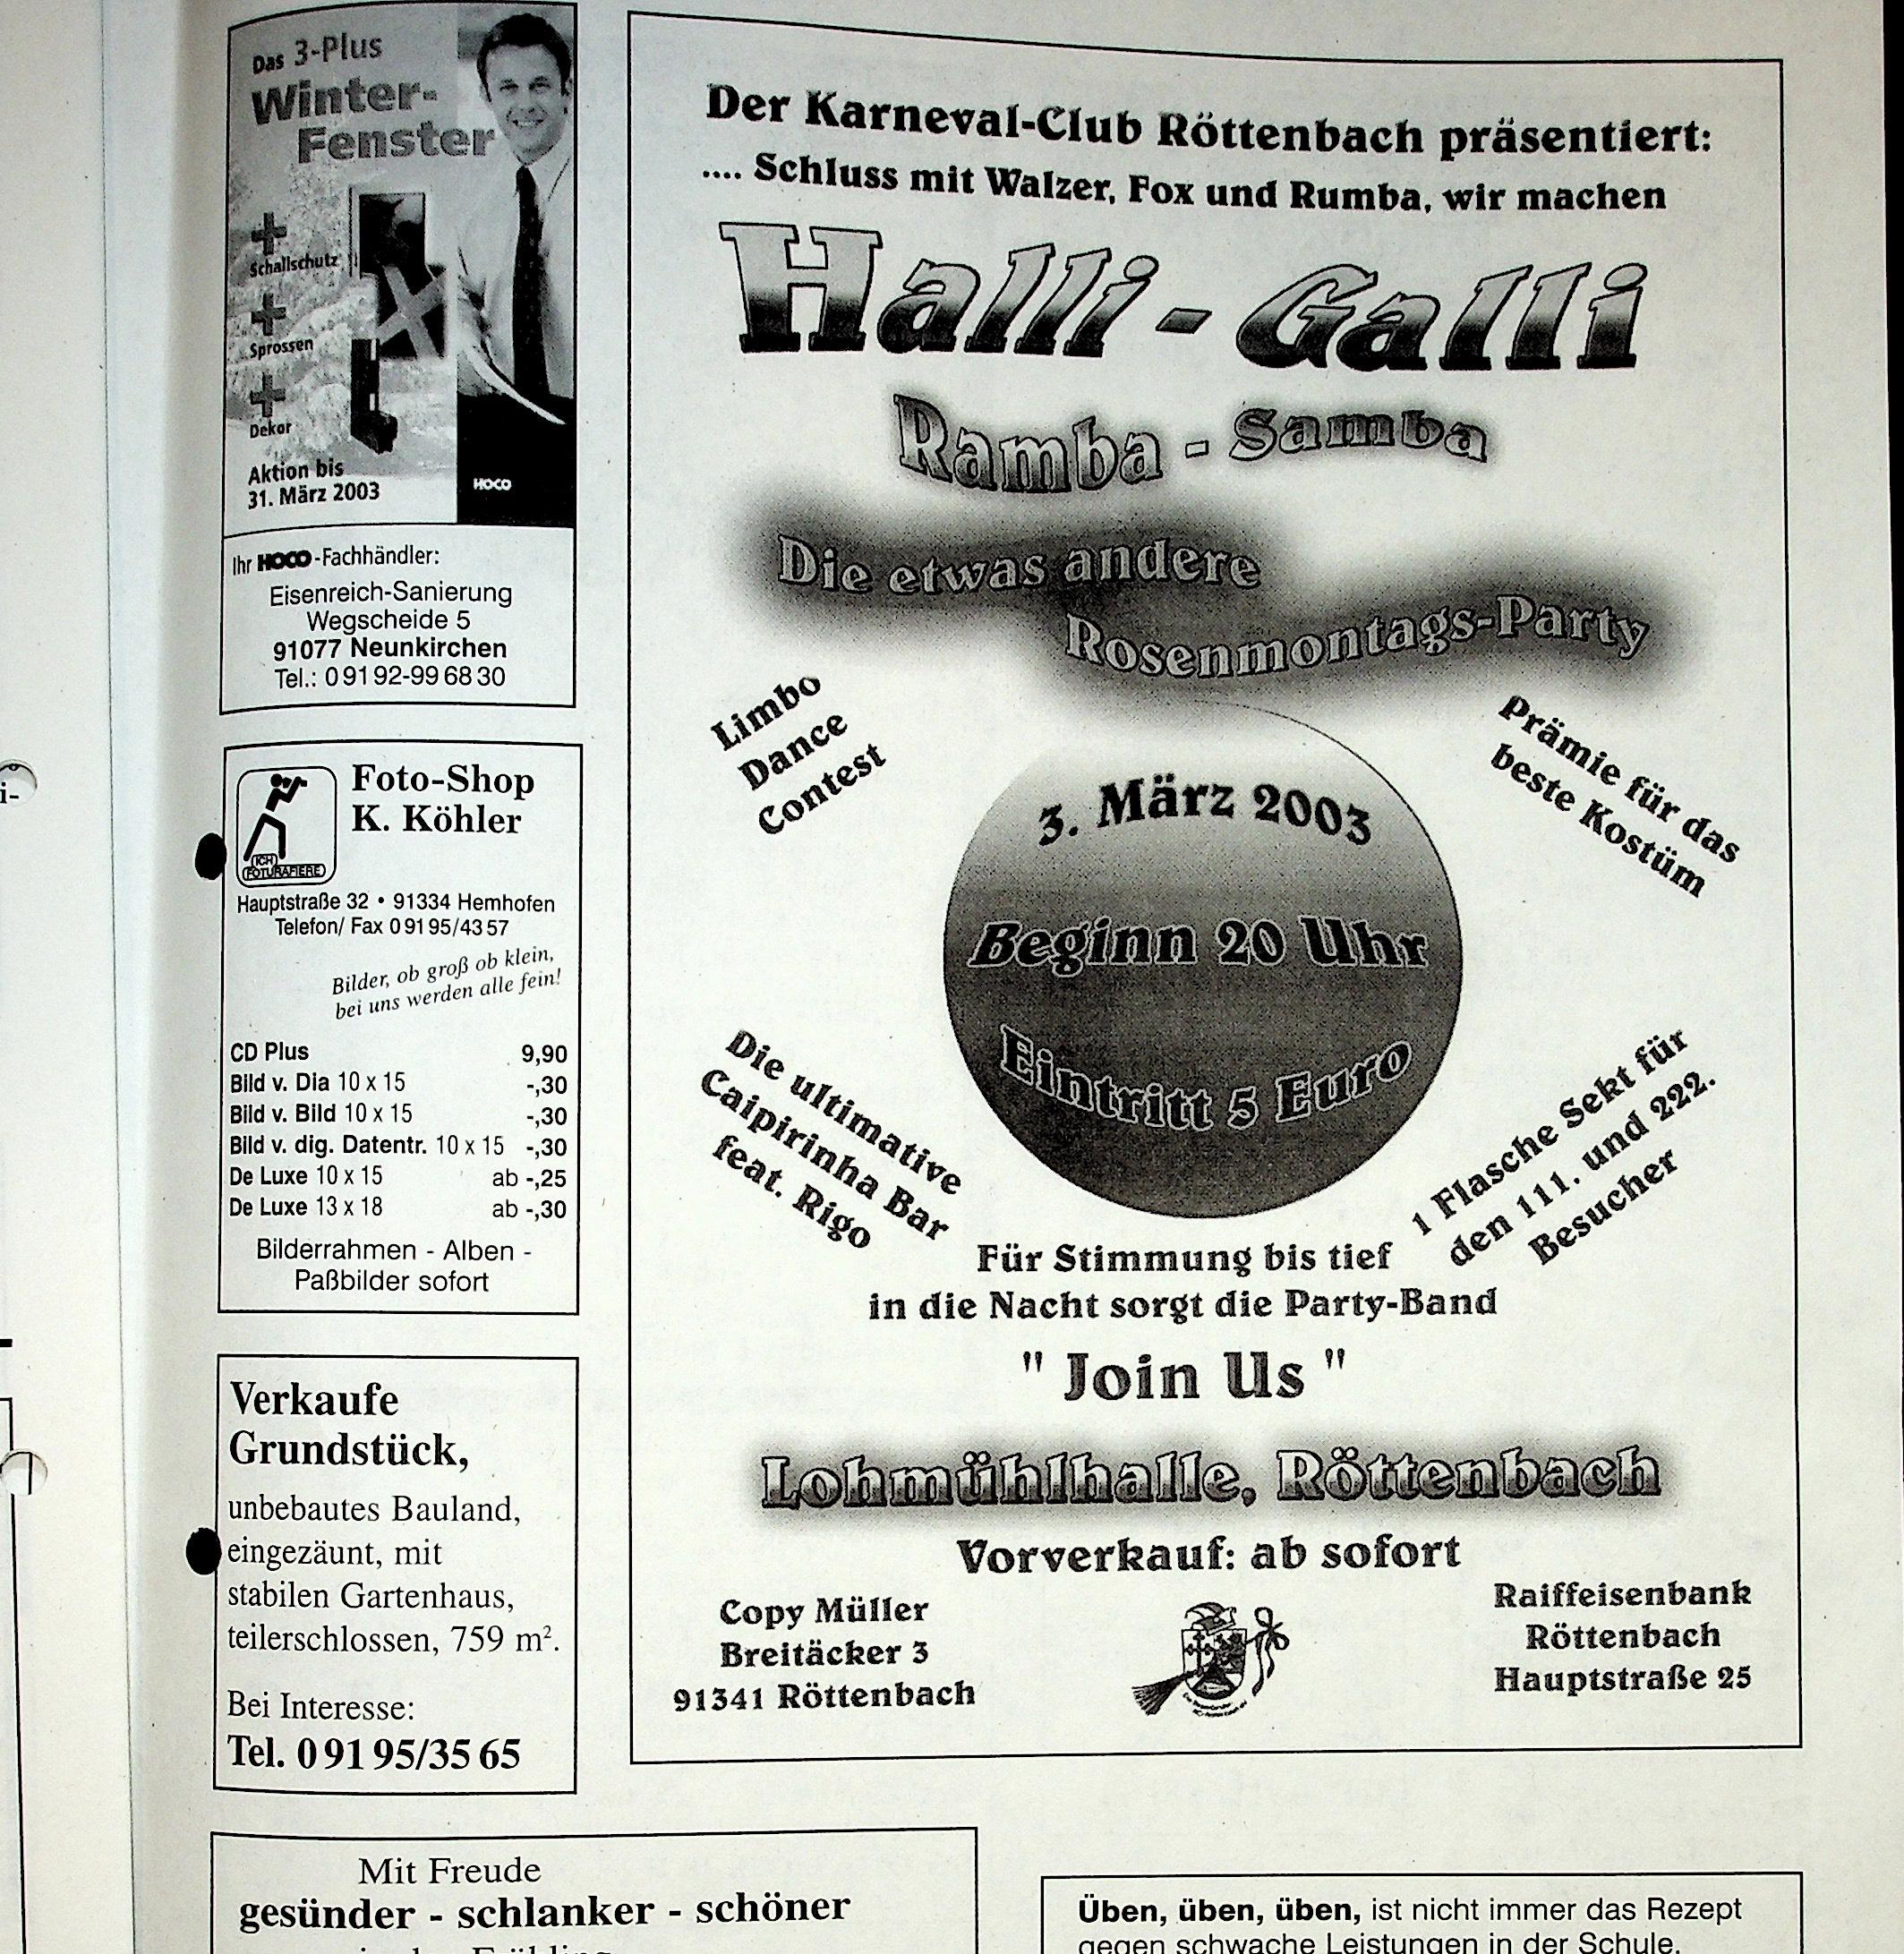 images/stories/chronic/2003-AmtsblattwerbungHalliGalliRambaSamba.jpg